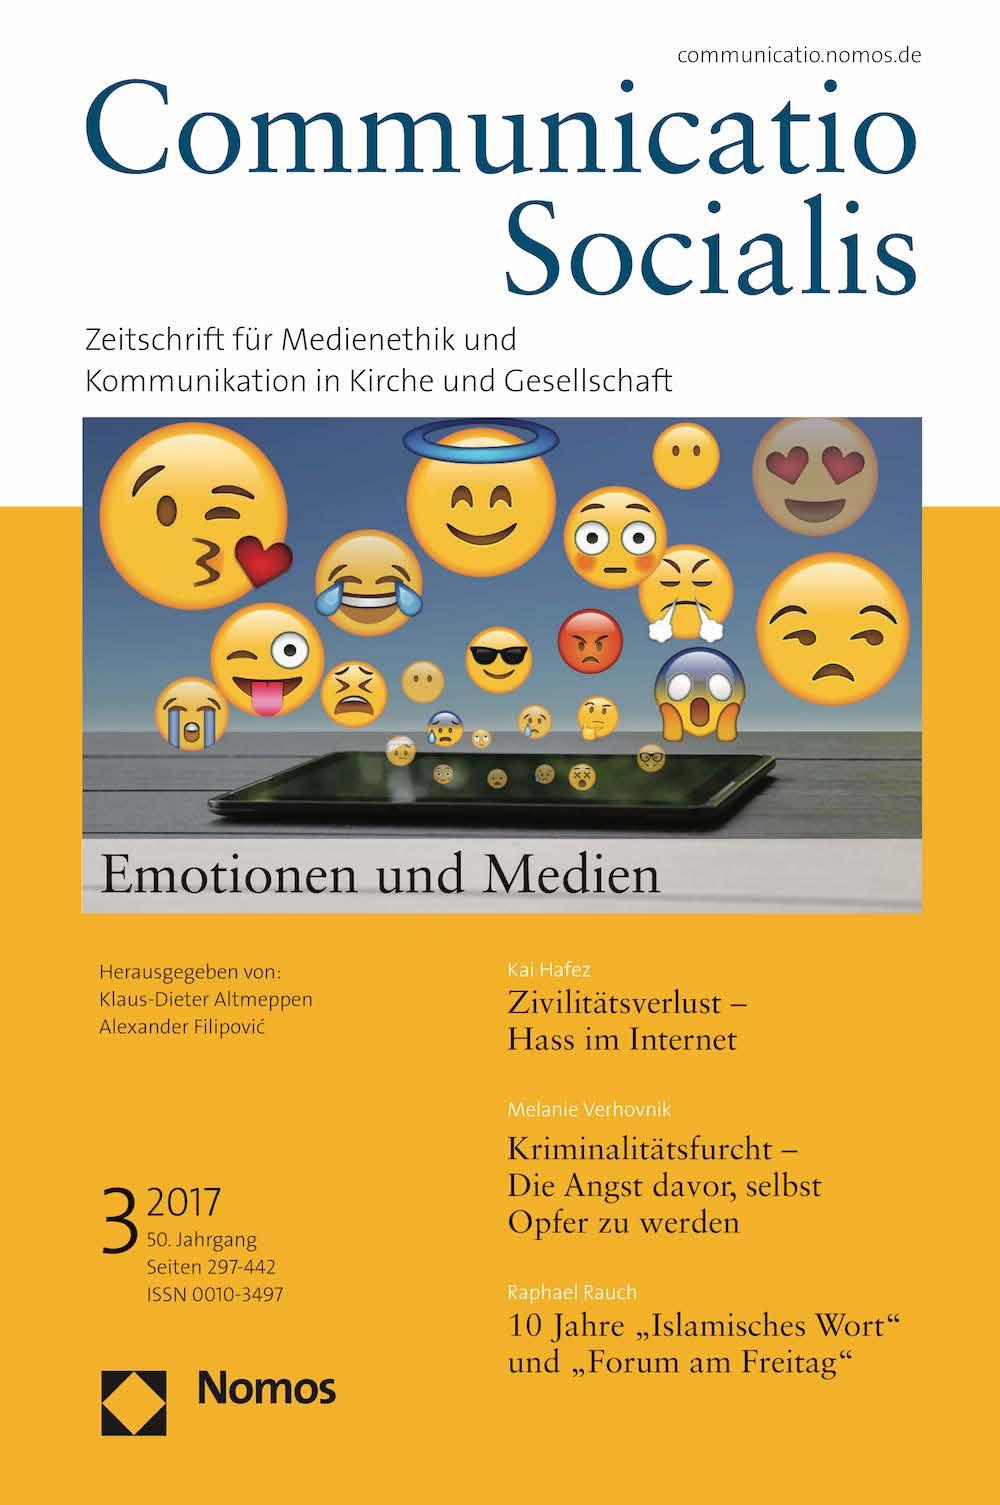 Neue Ausgabe 3/2017 von Communicatio Socialis zum Thema Medien und Emotionen erschienen